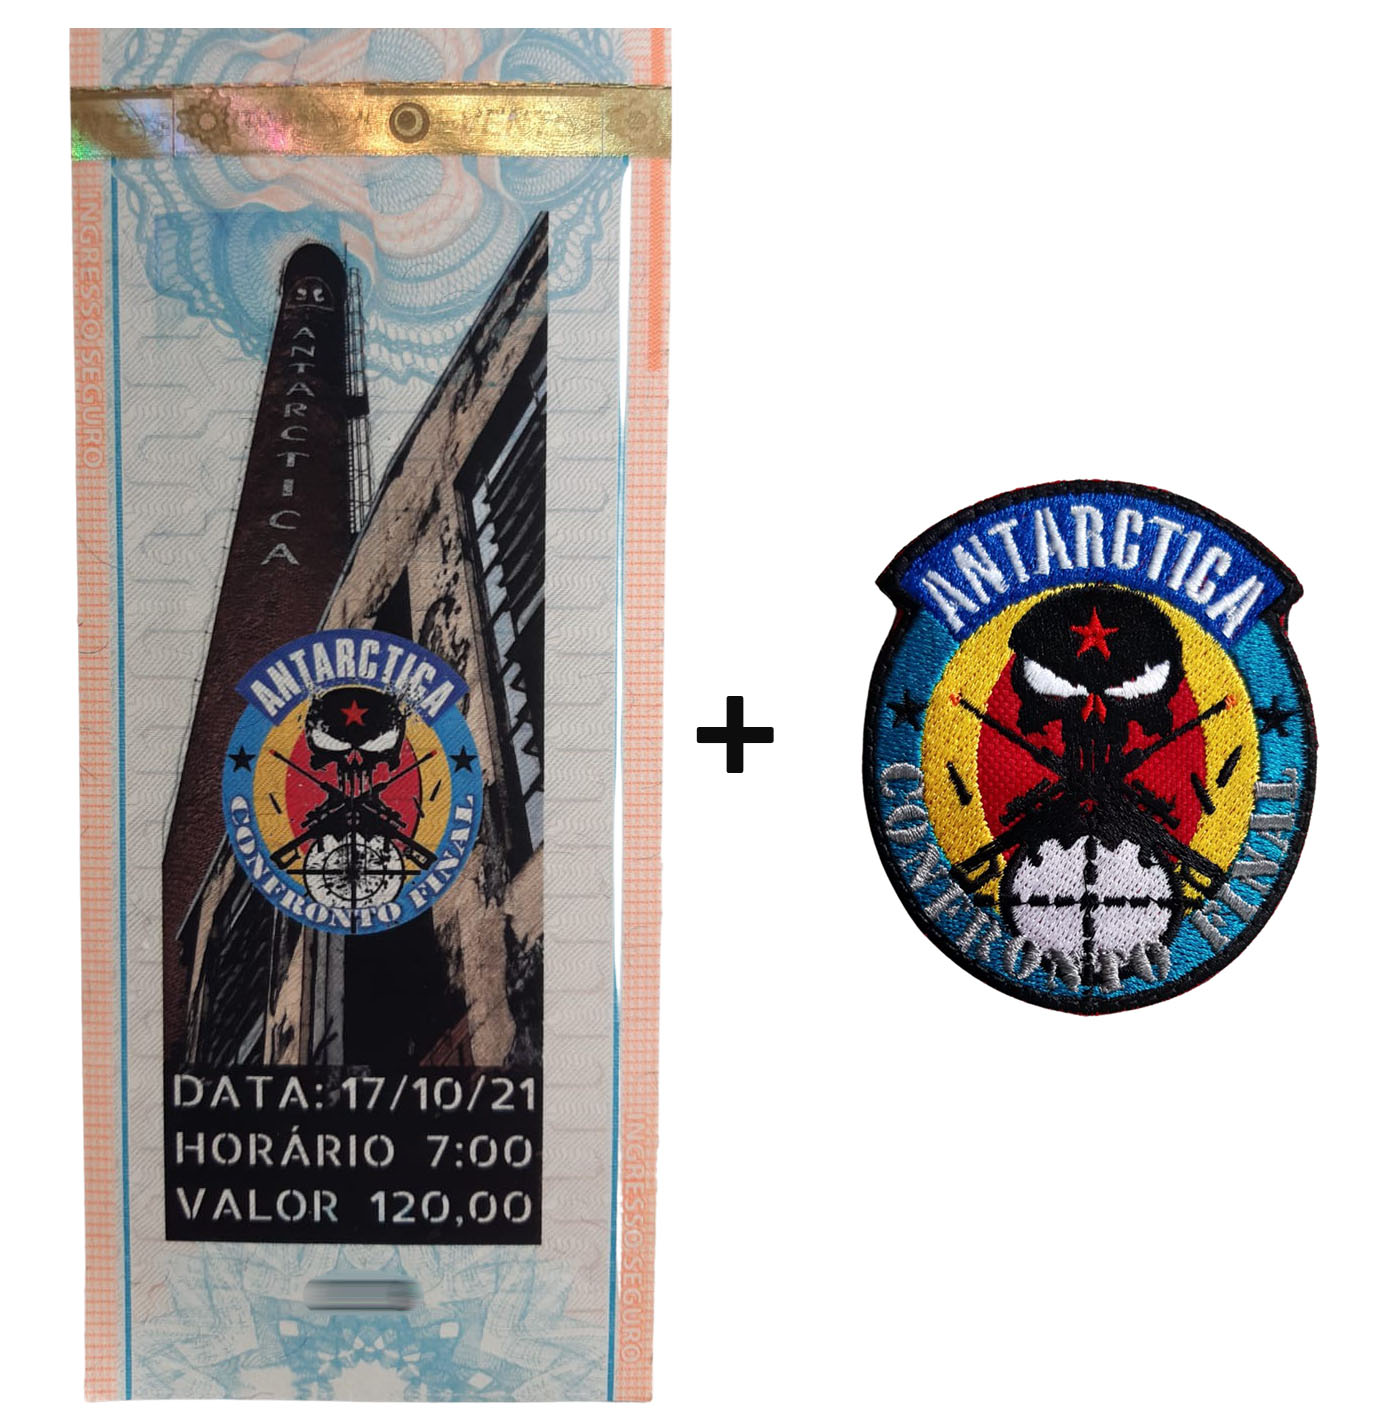 INGRESSO: Operação Antárctica - Confronto Final  - MAB AIRSOFT